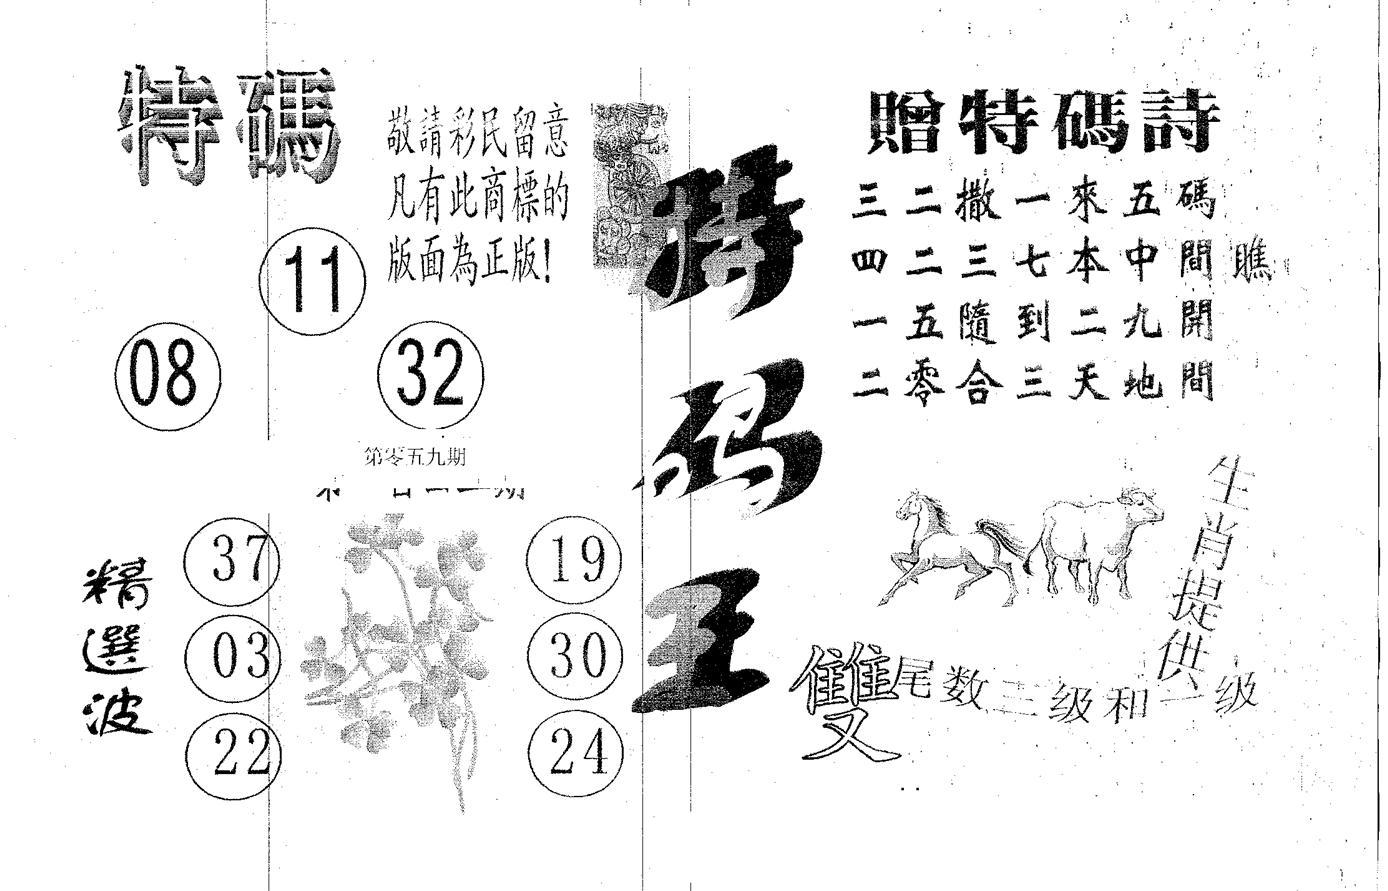 059期特码王A(黑白)